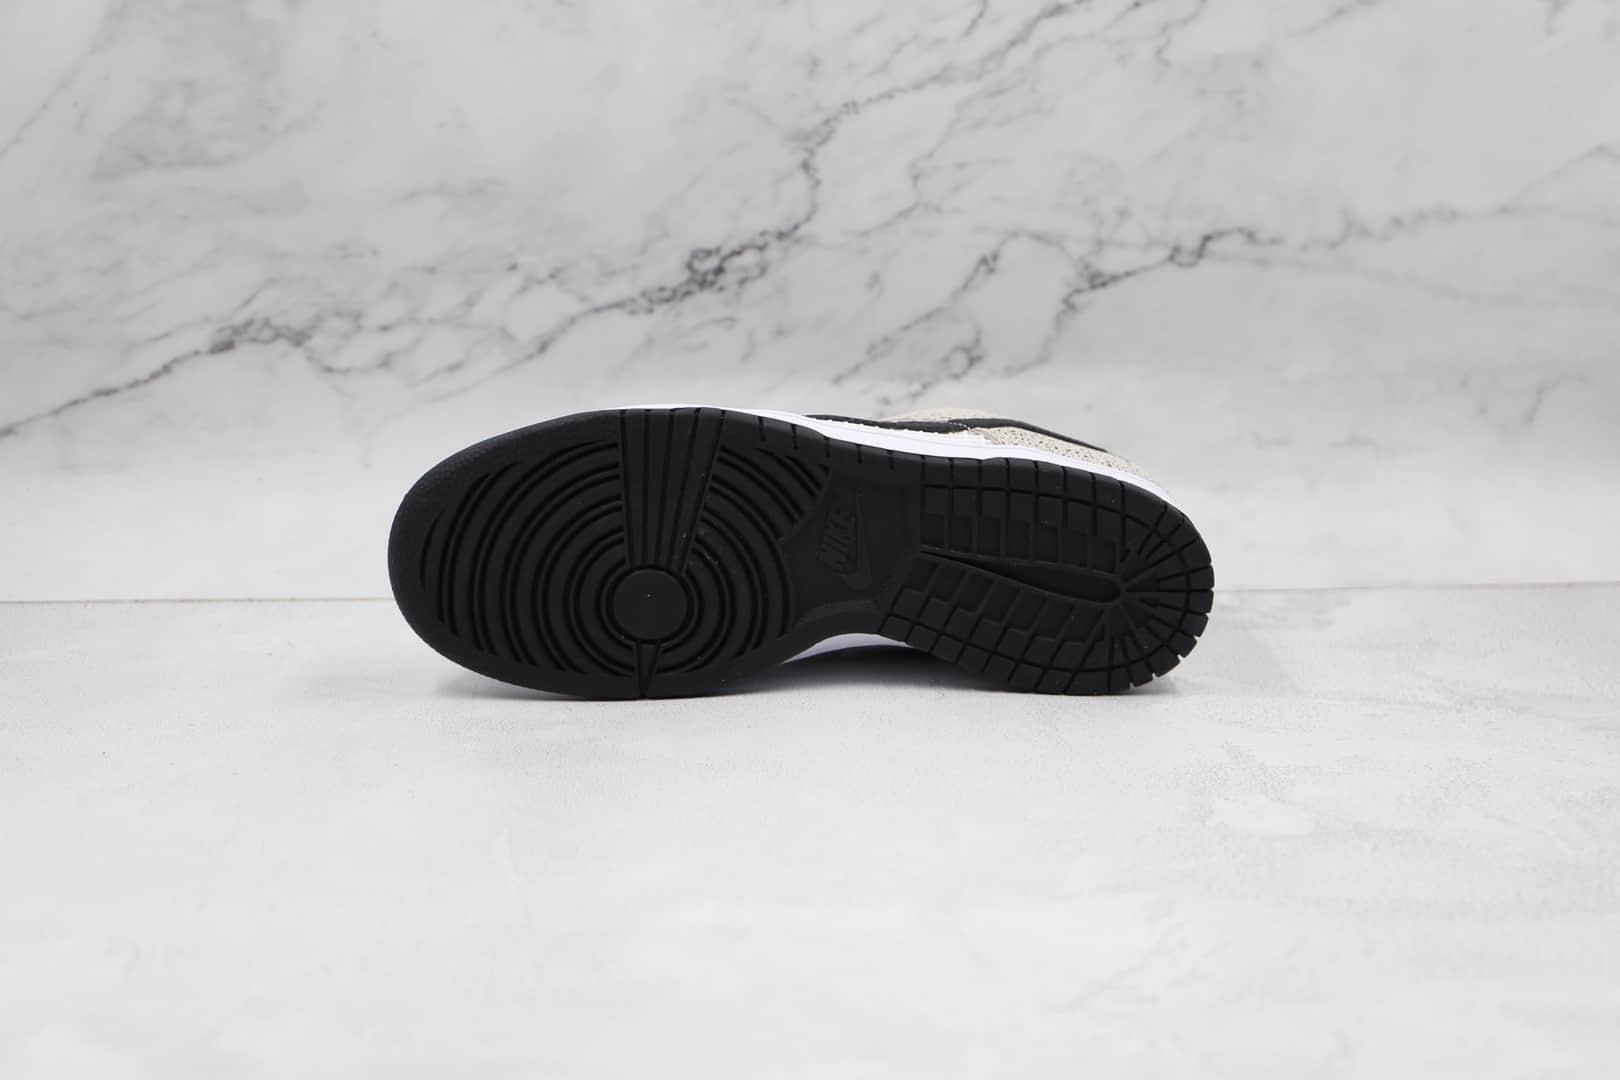 耐克NIKE SB DUNK LOW CL纯原版本低帮SB DUNK白灰色波点板鞋原鞋开模 货号:304714-107